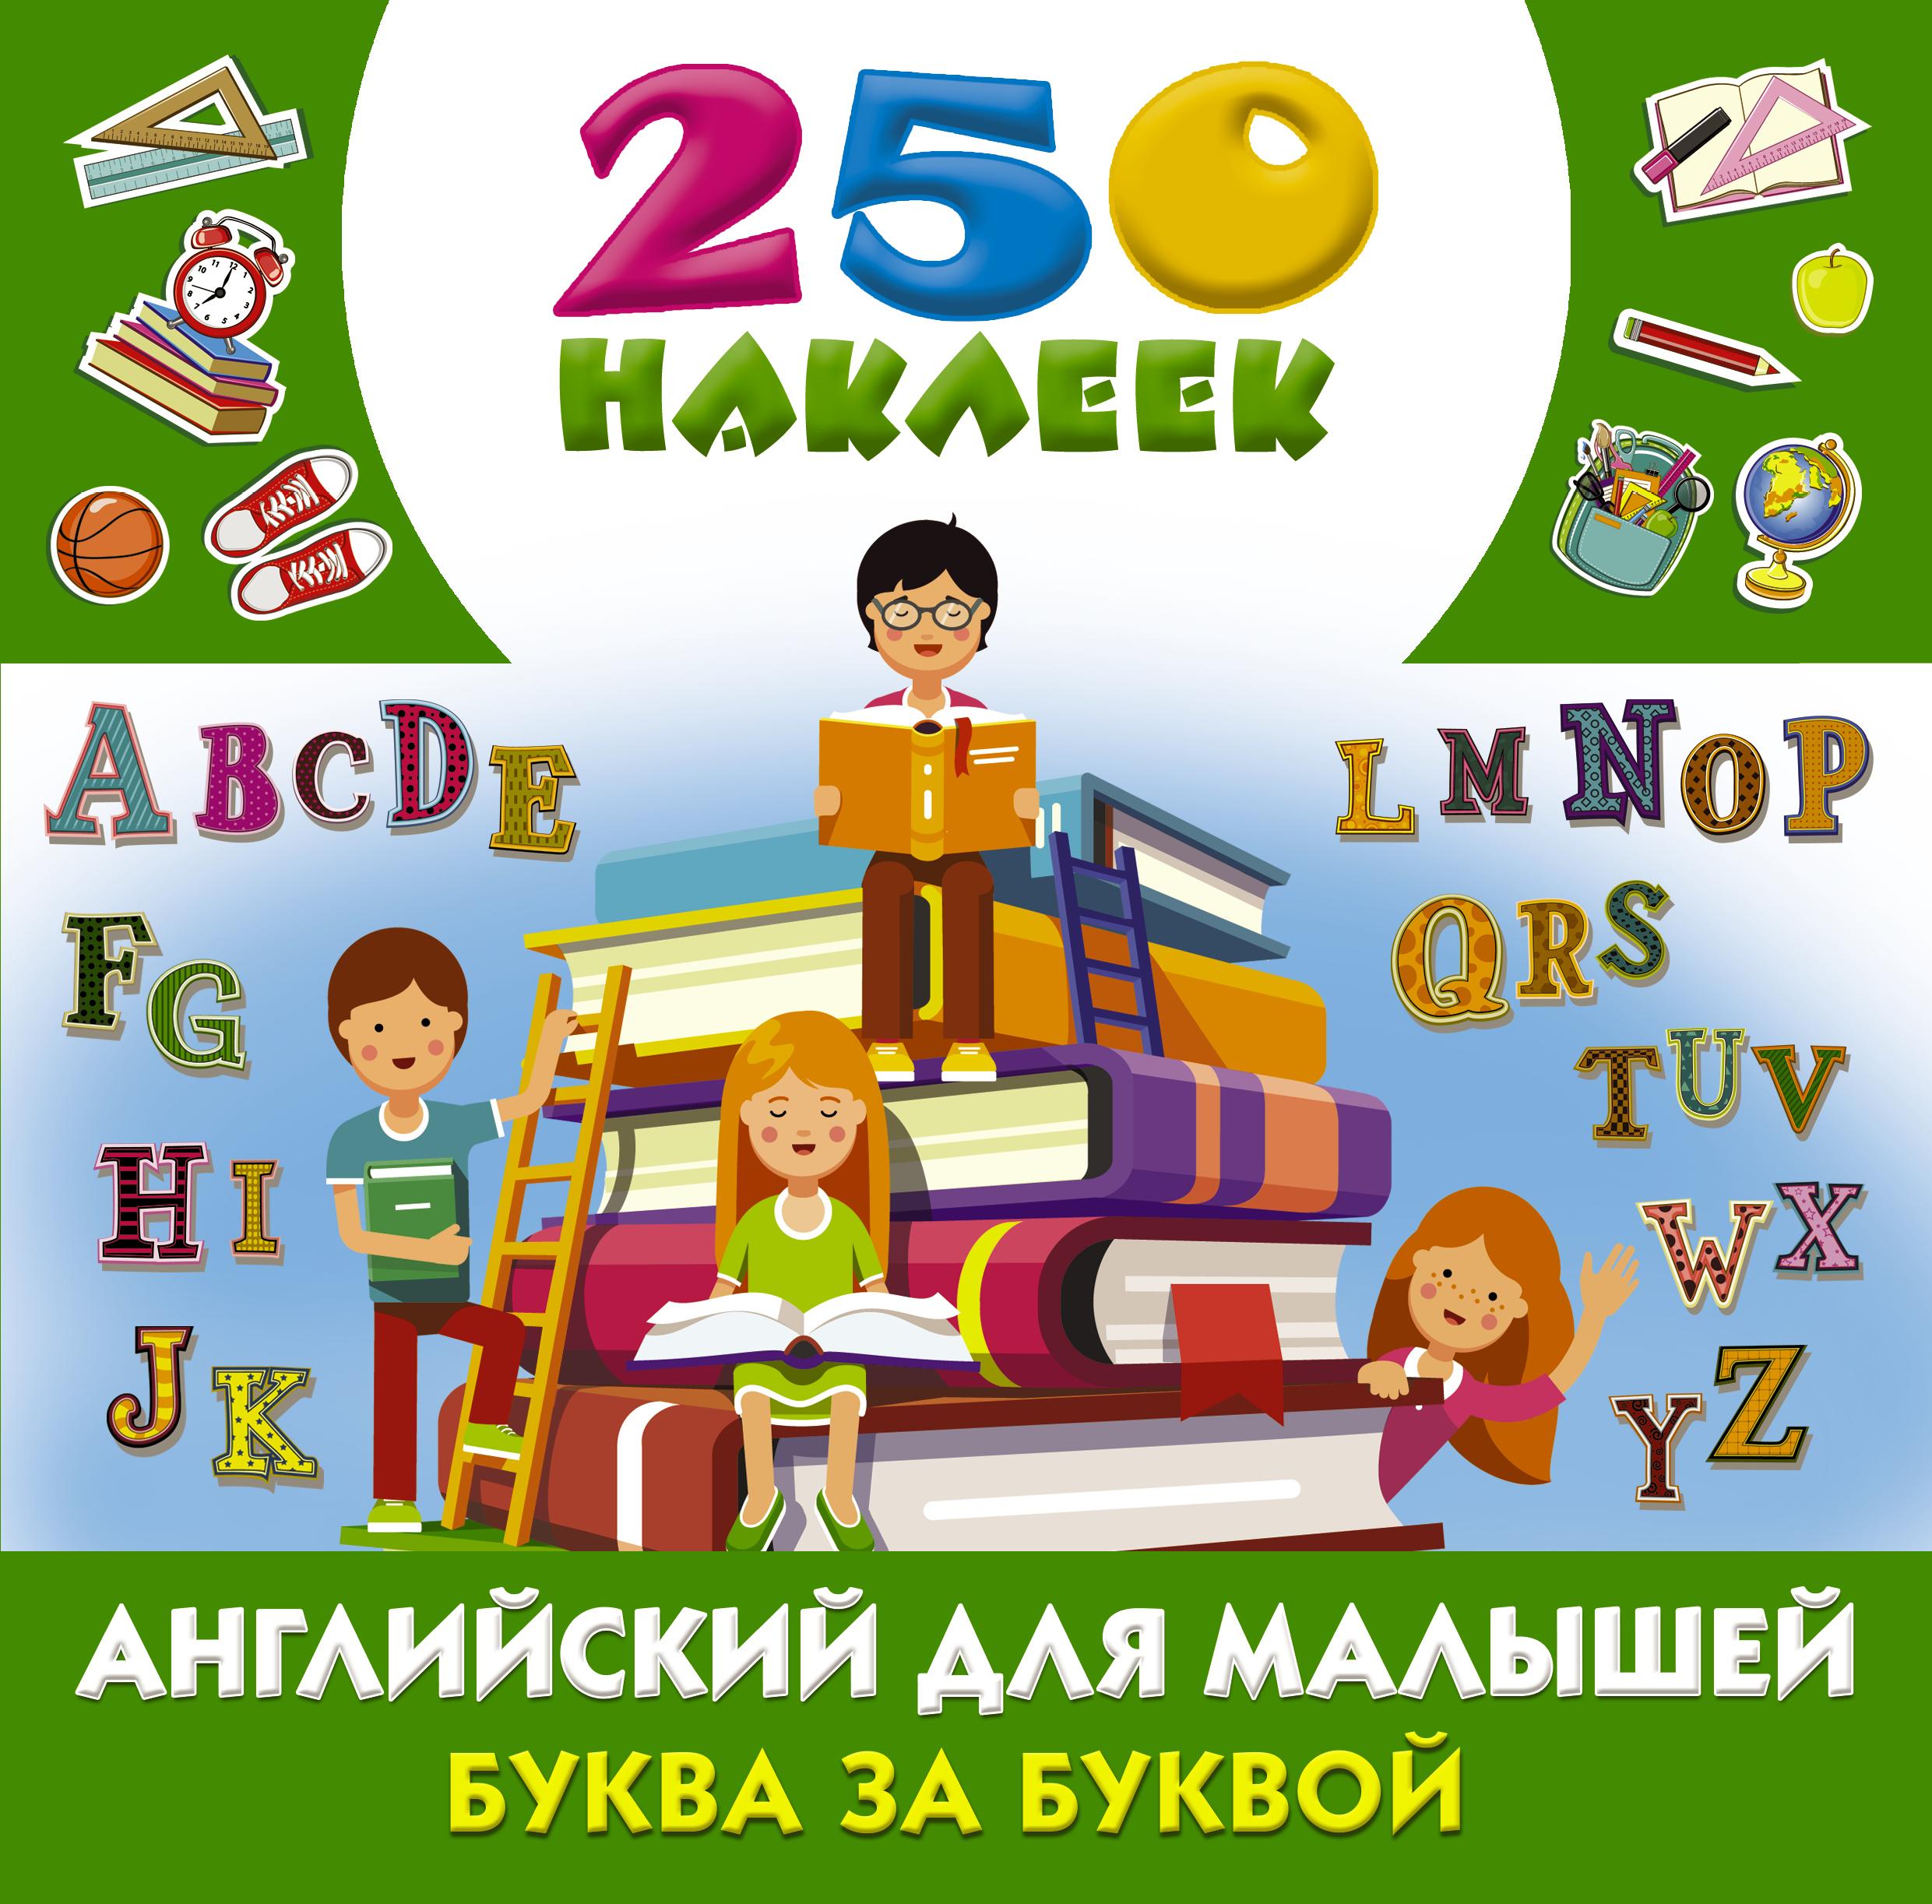 Английский для малышей: буква за буквой ( .  )